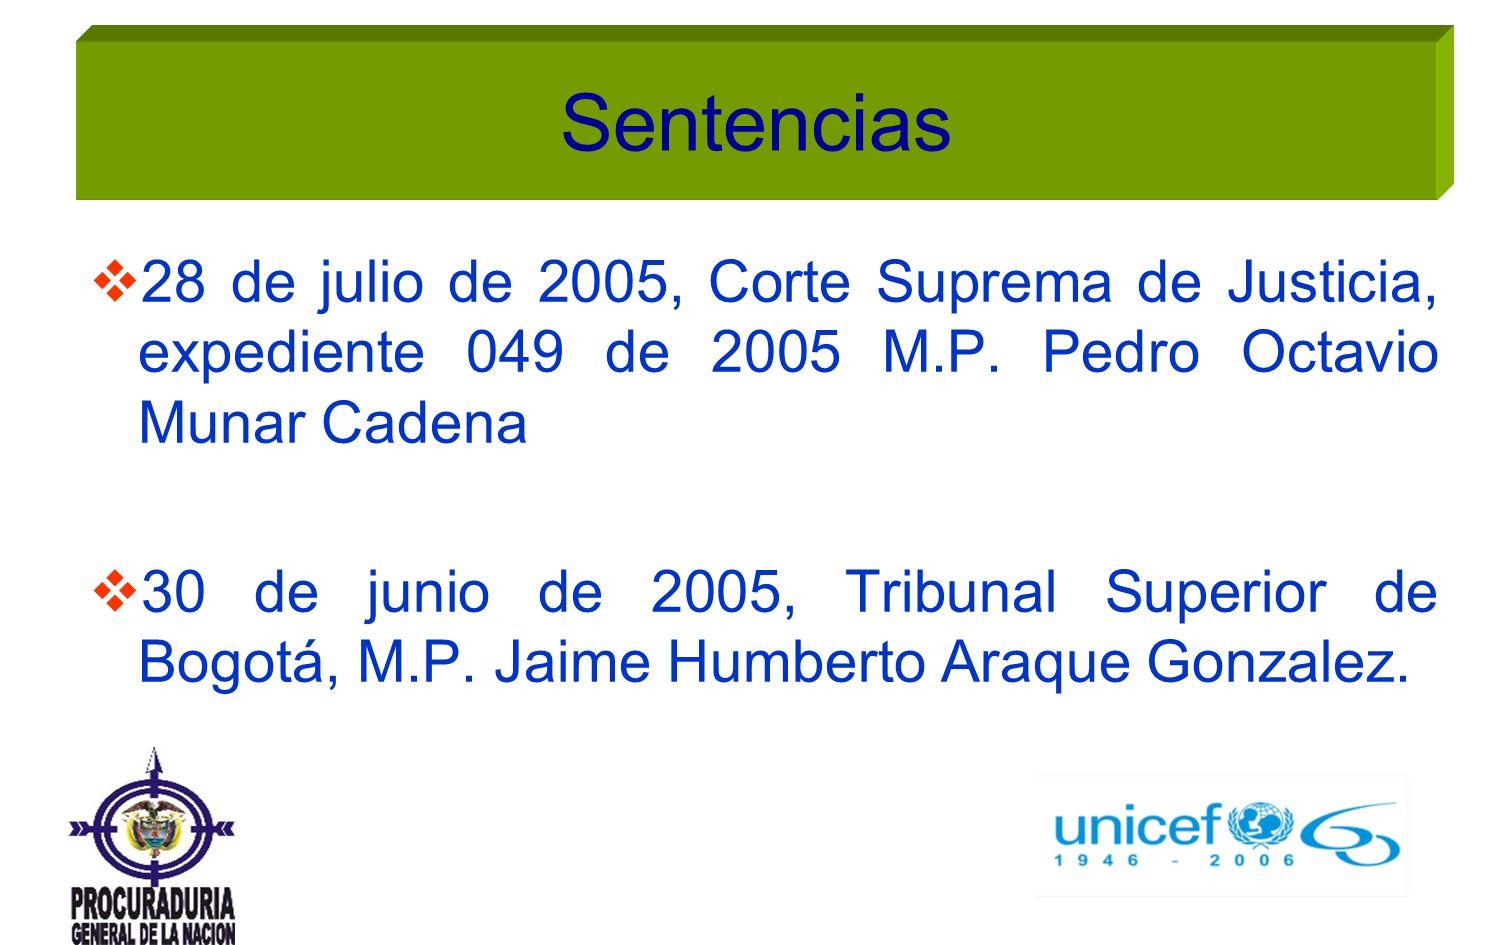 Sentencias 28 de julio de 2005, Corte Suprema de Justicia, expediente 049 de 2005 M.P.